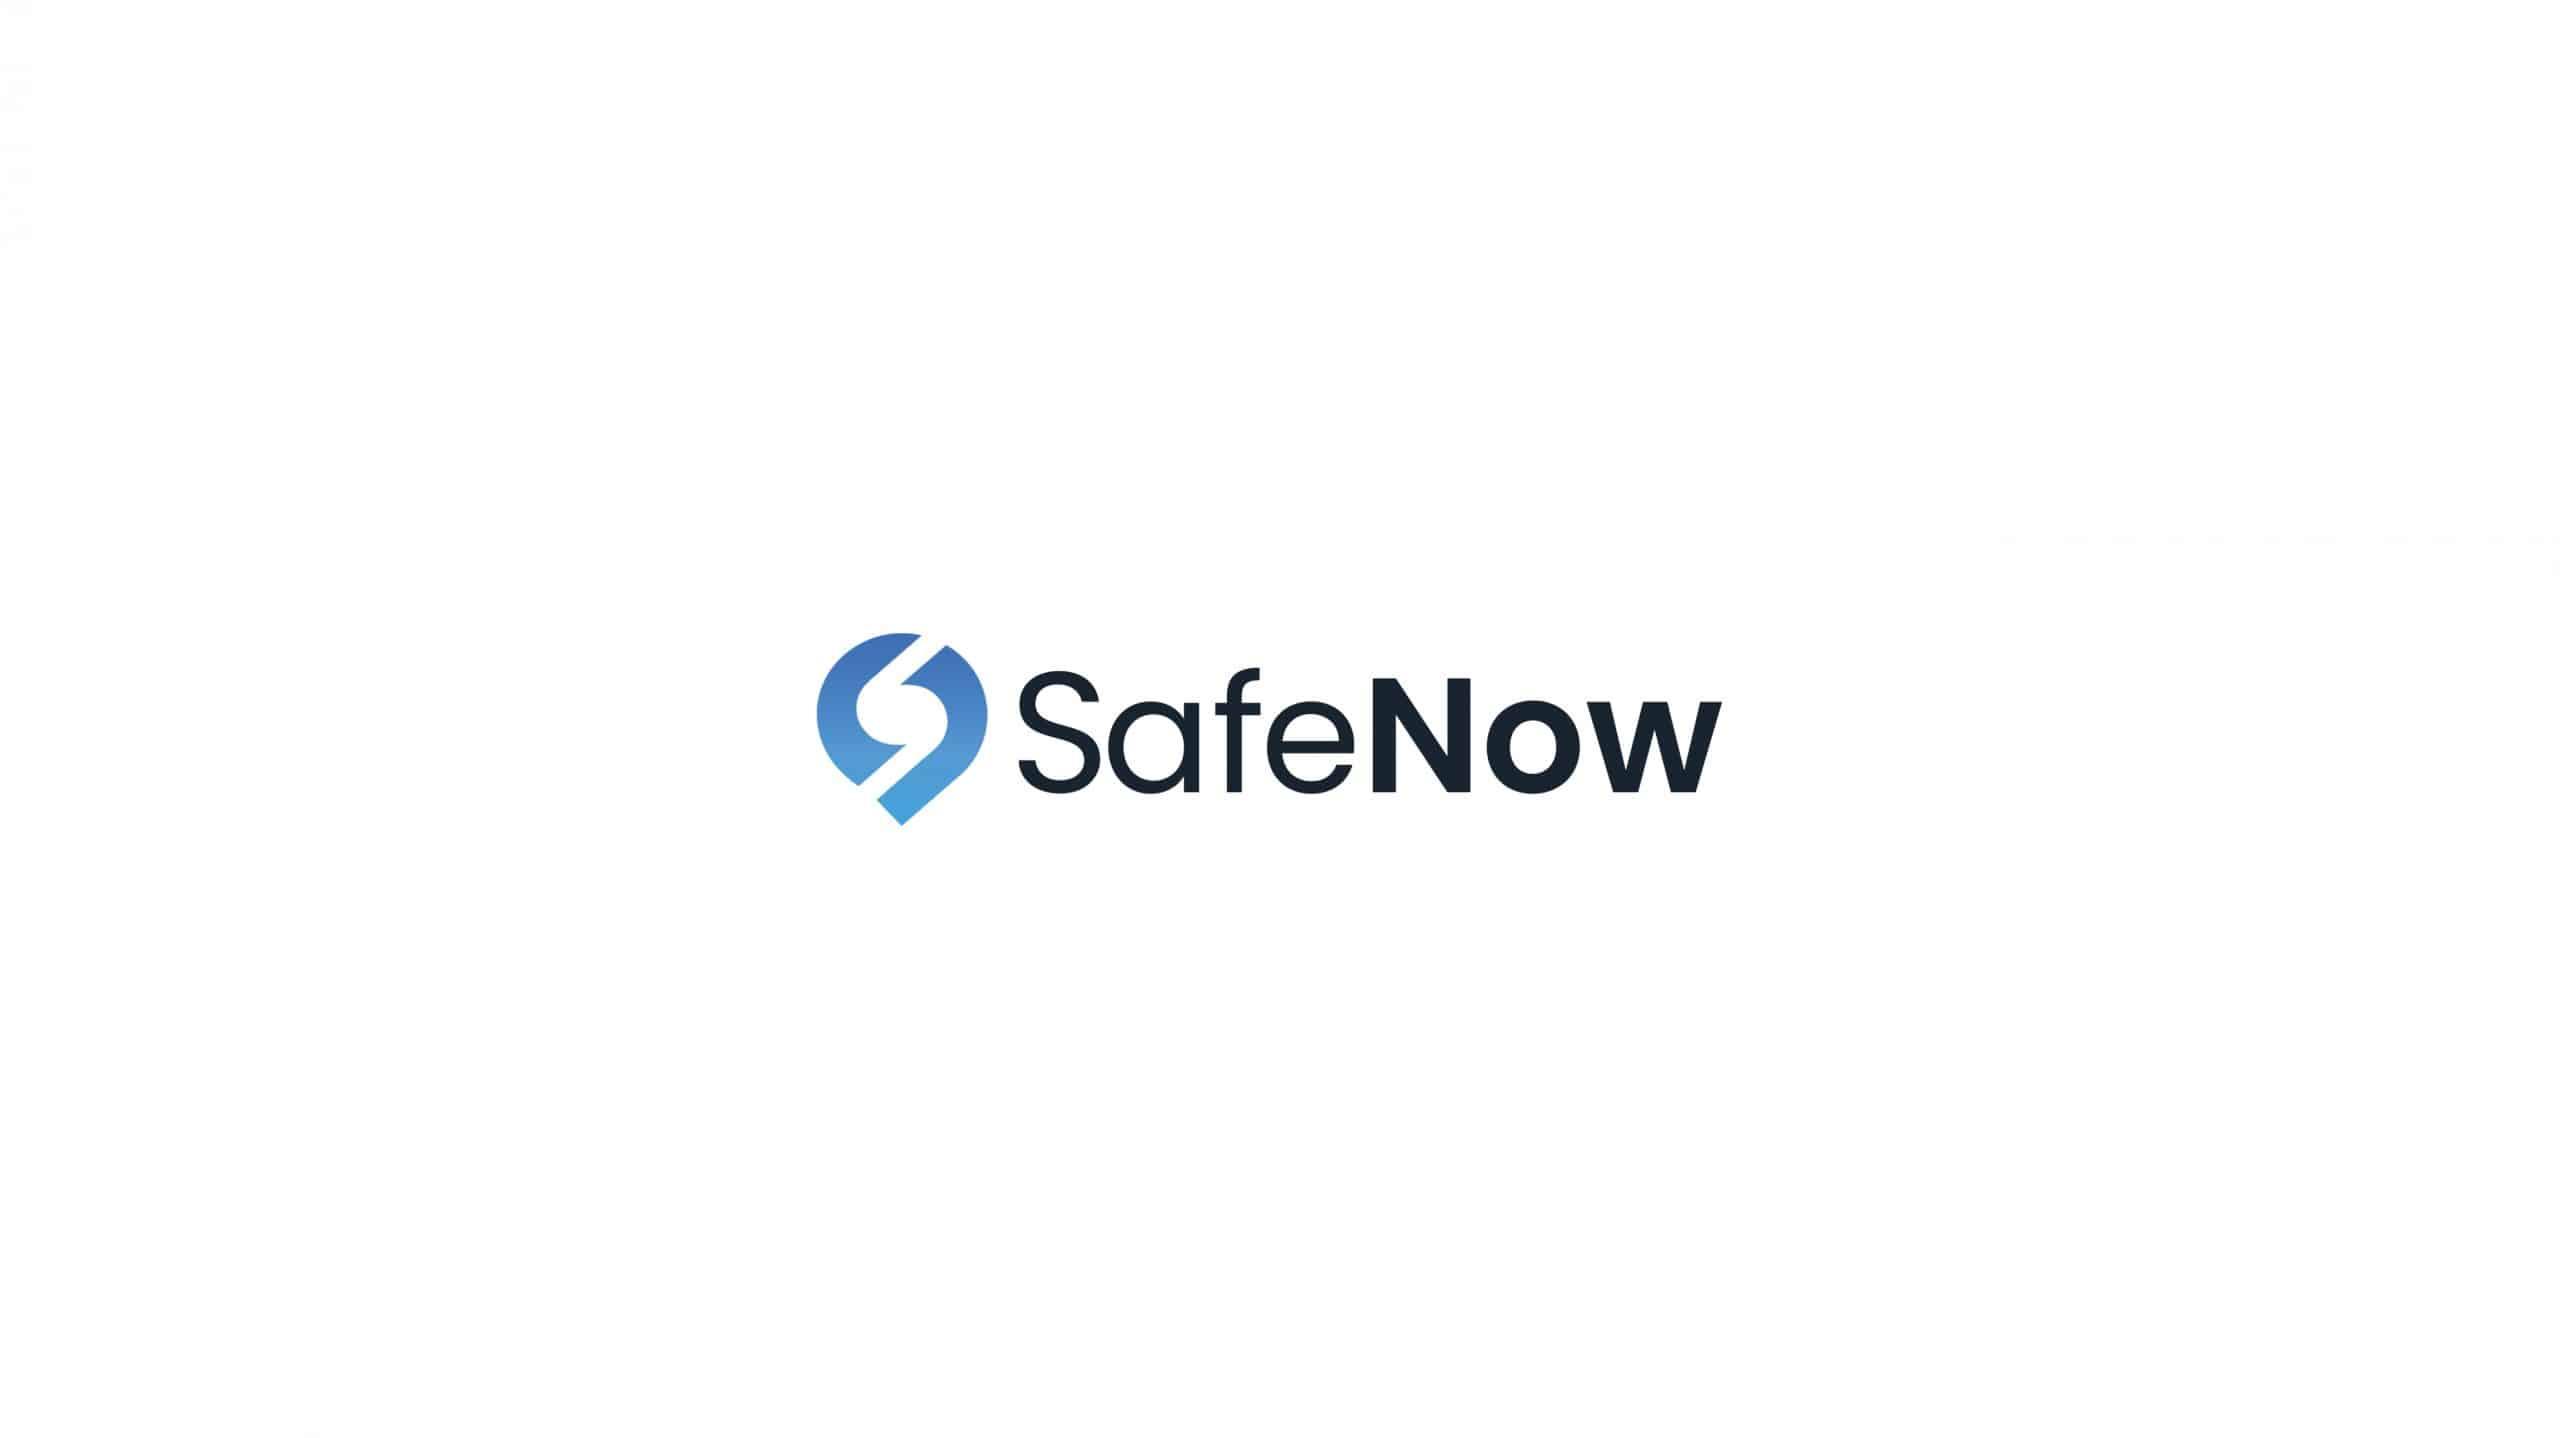 SafeNow Logo Gestaltung | Start-Up Pitchdeck